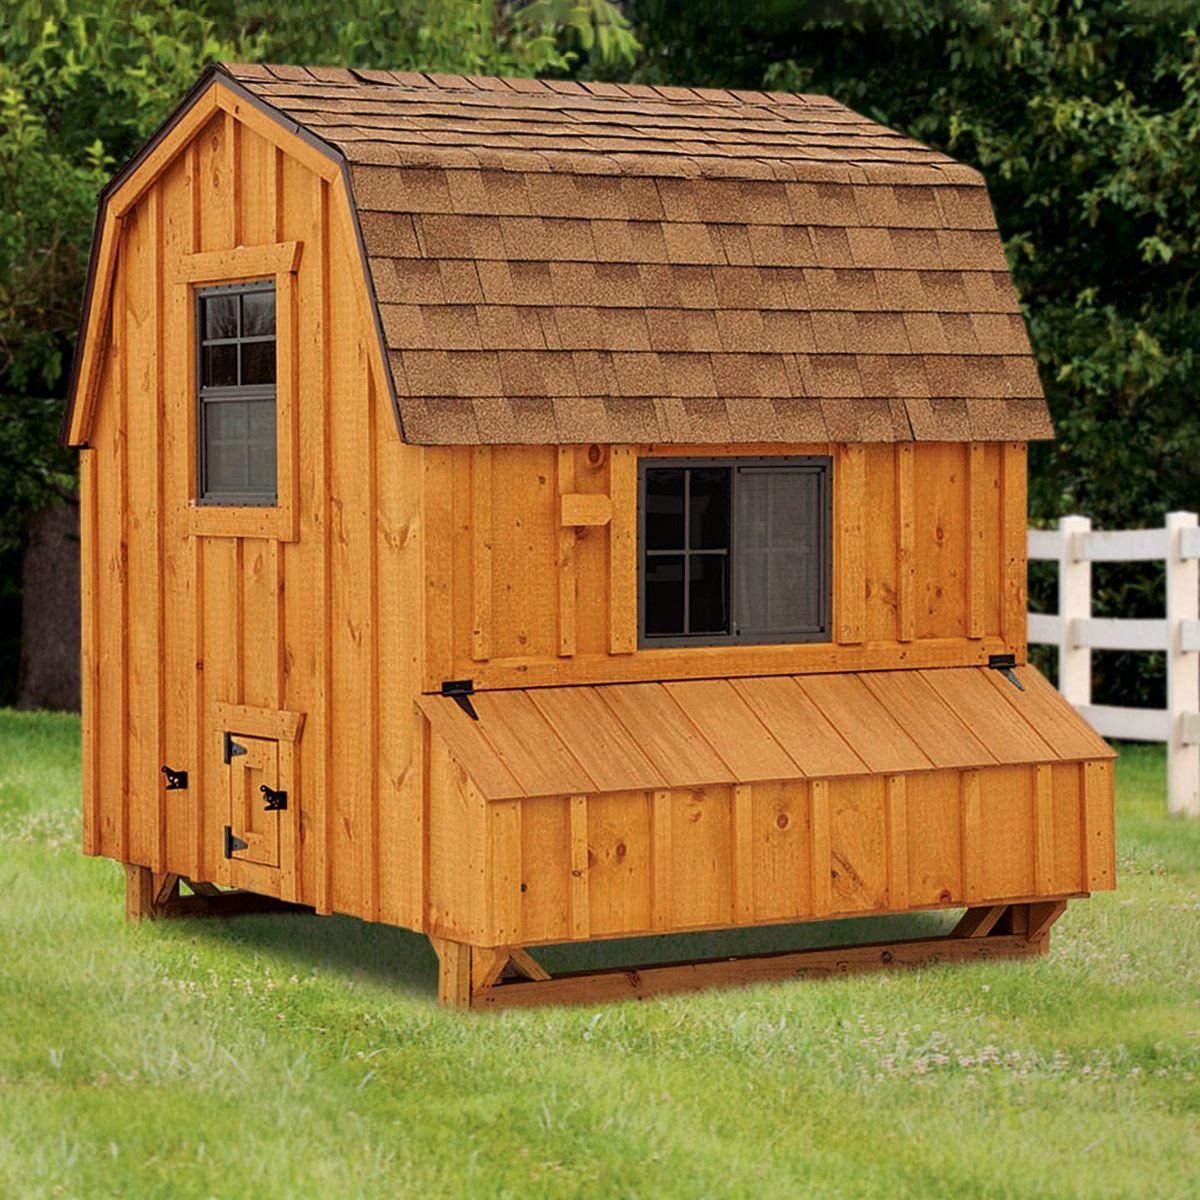 Chicken Coop Designs 20 Creative Lowbudget Diy Backyard Chicken